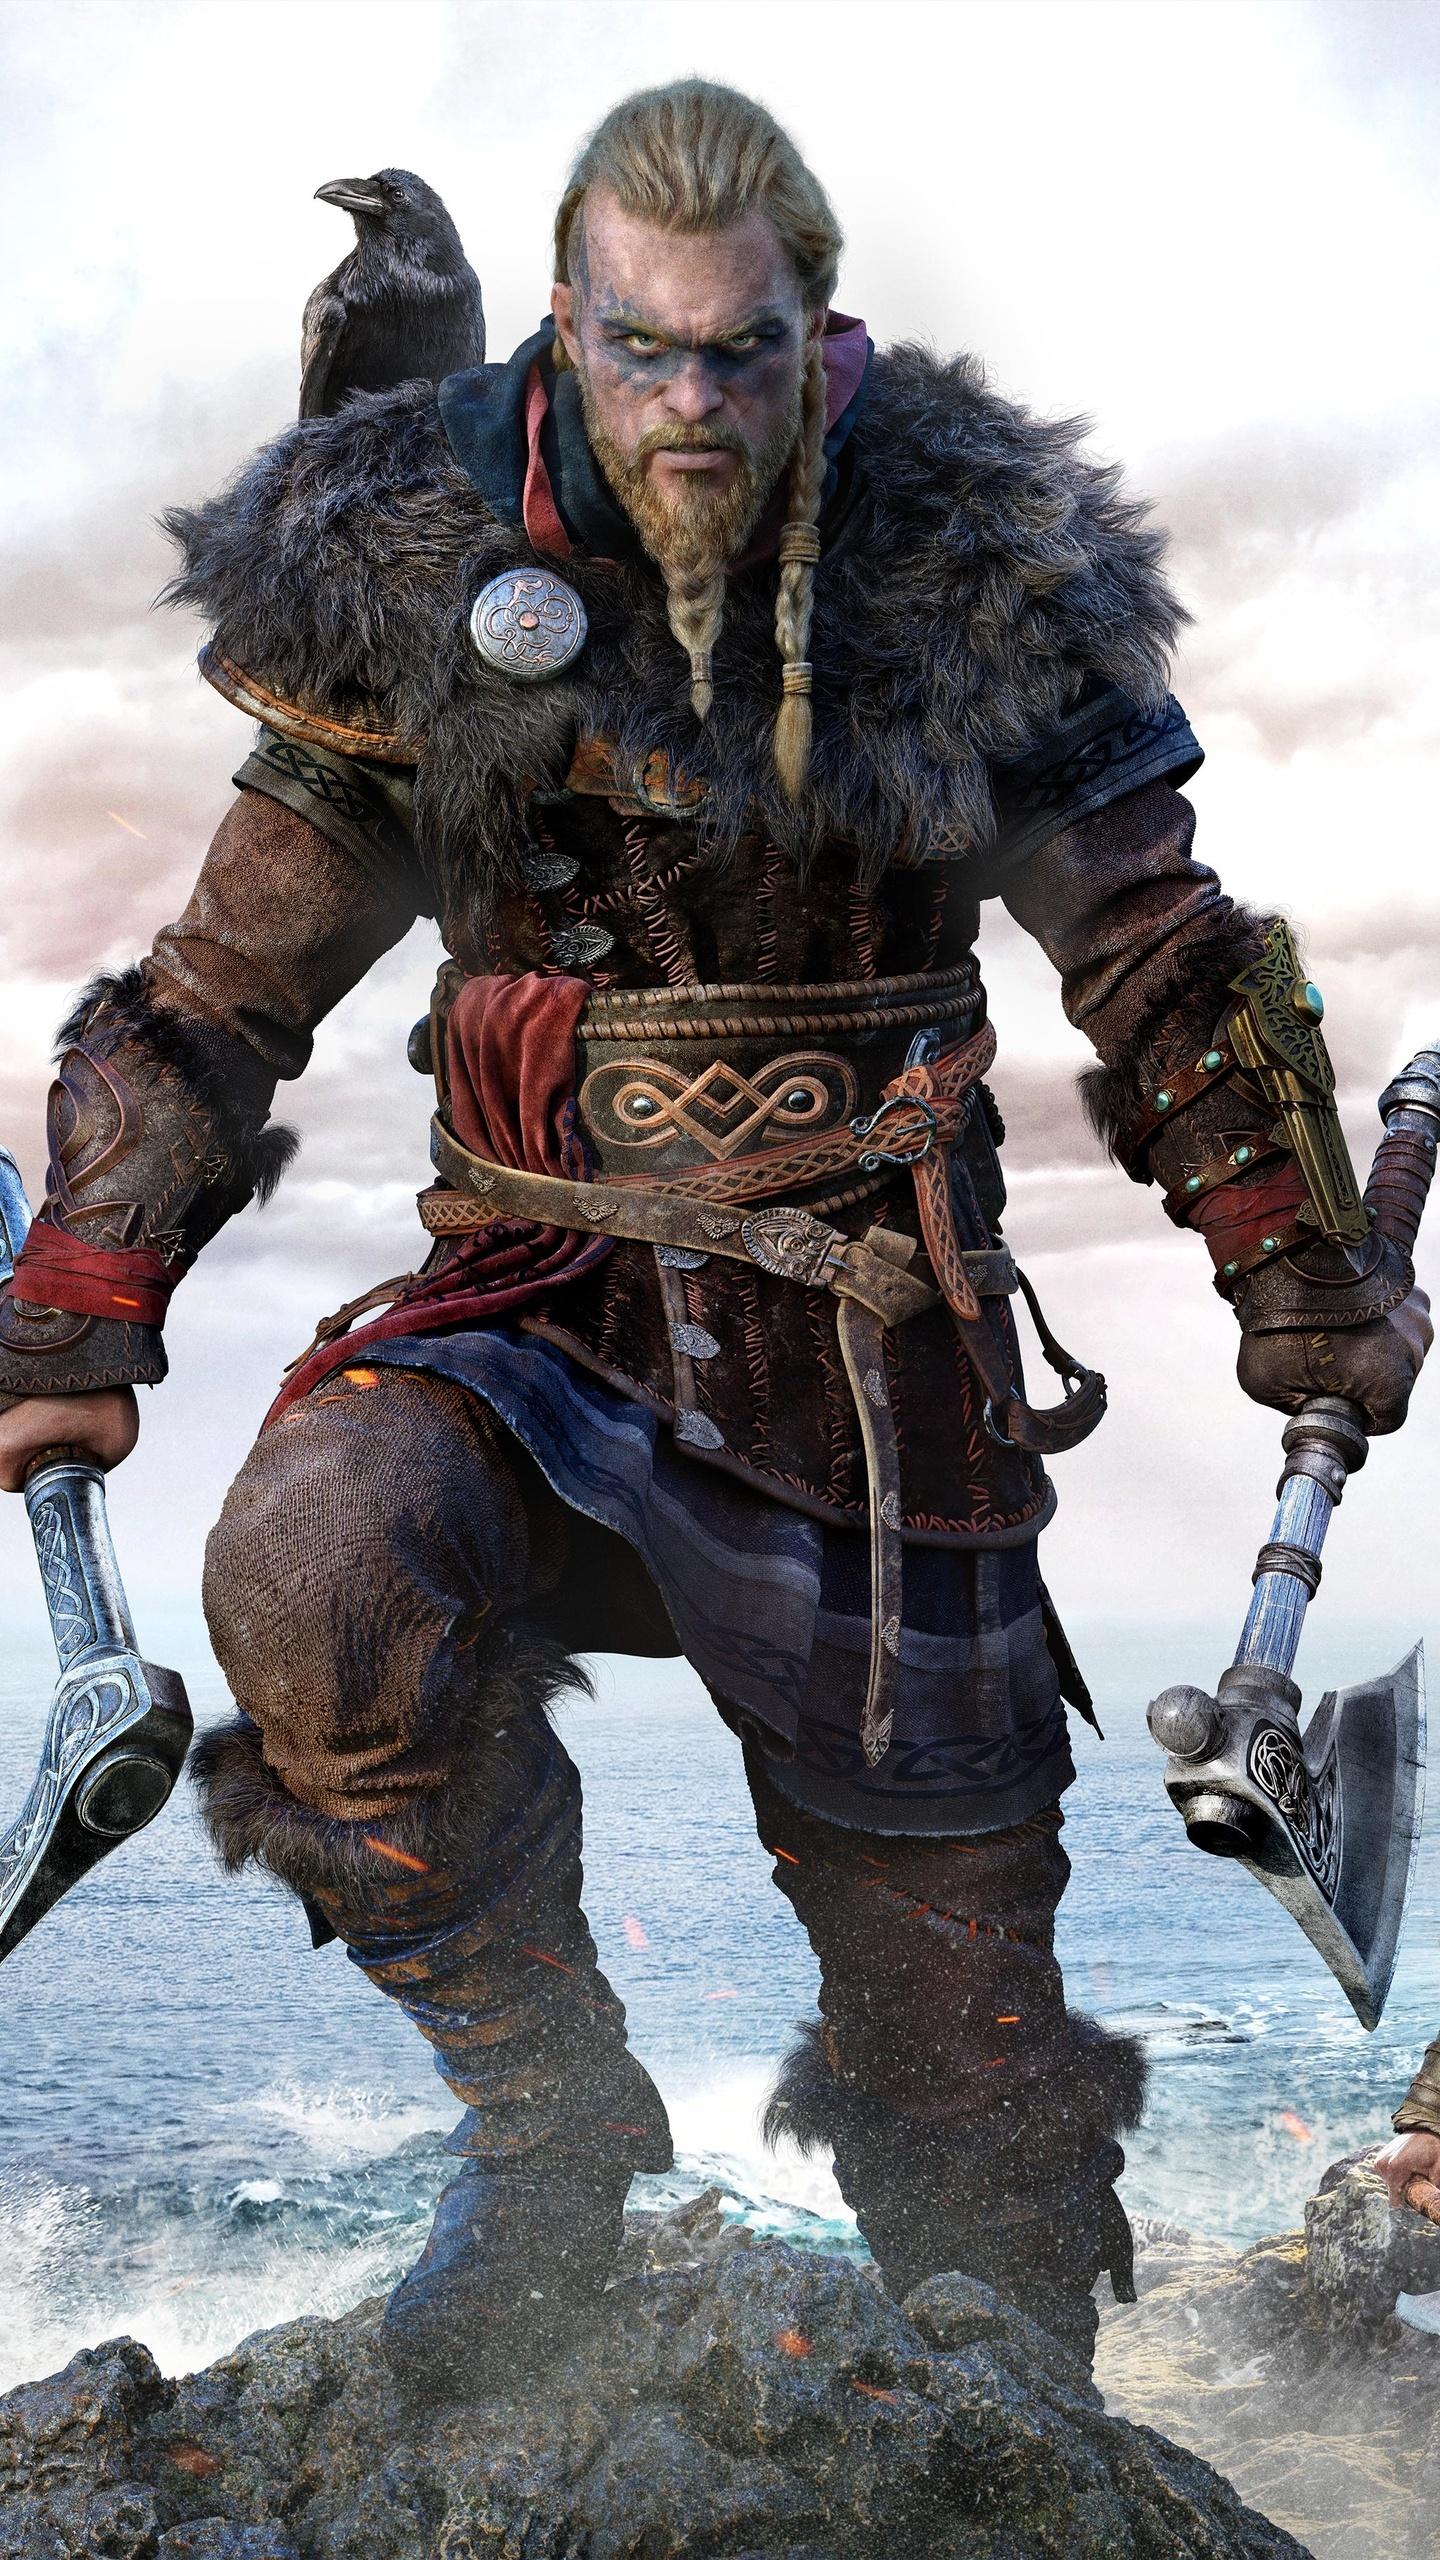 ragnar-lothbrok-assassins-creed-valhalla-8k-s0.jpg